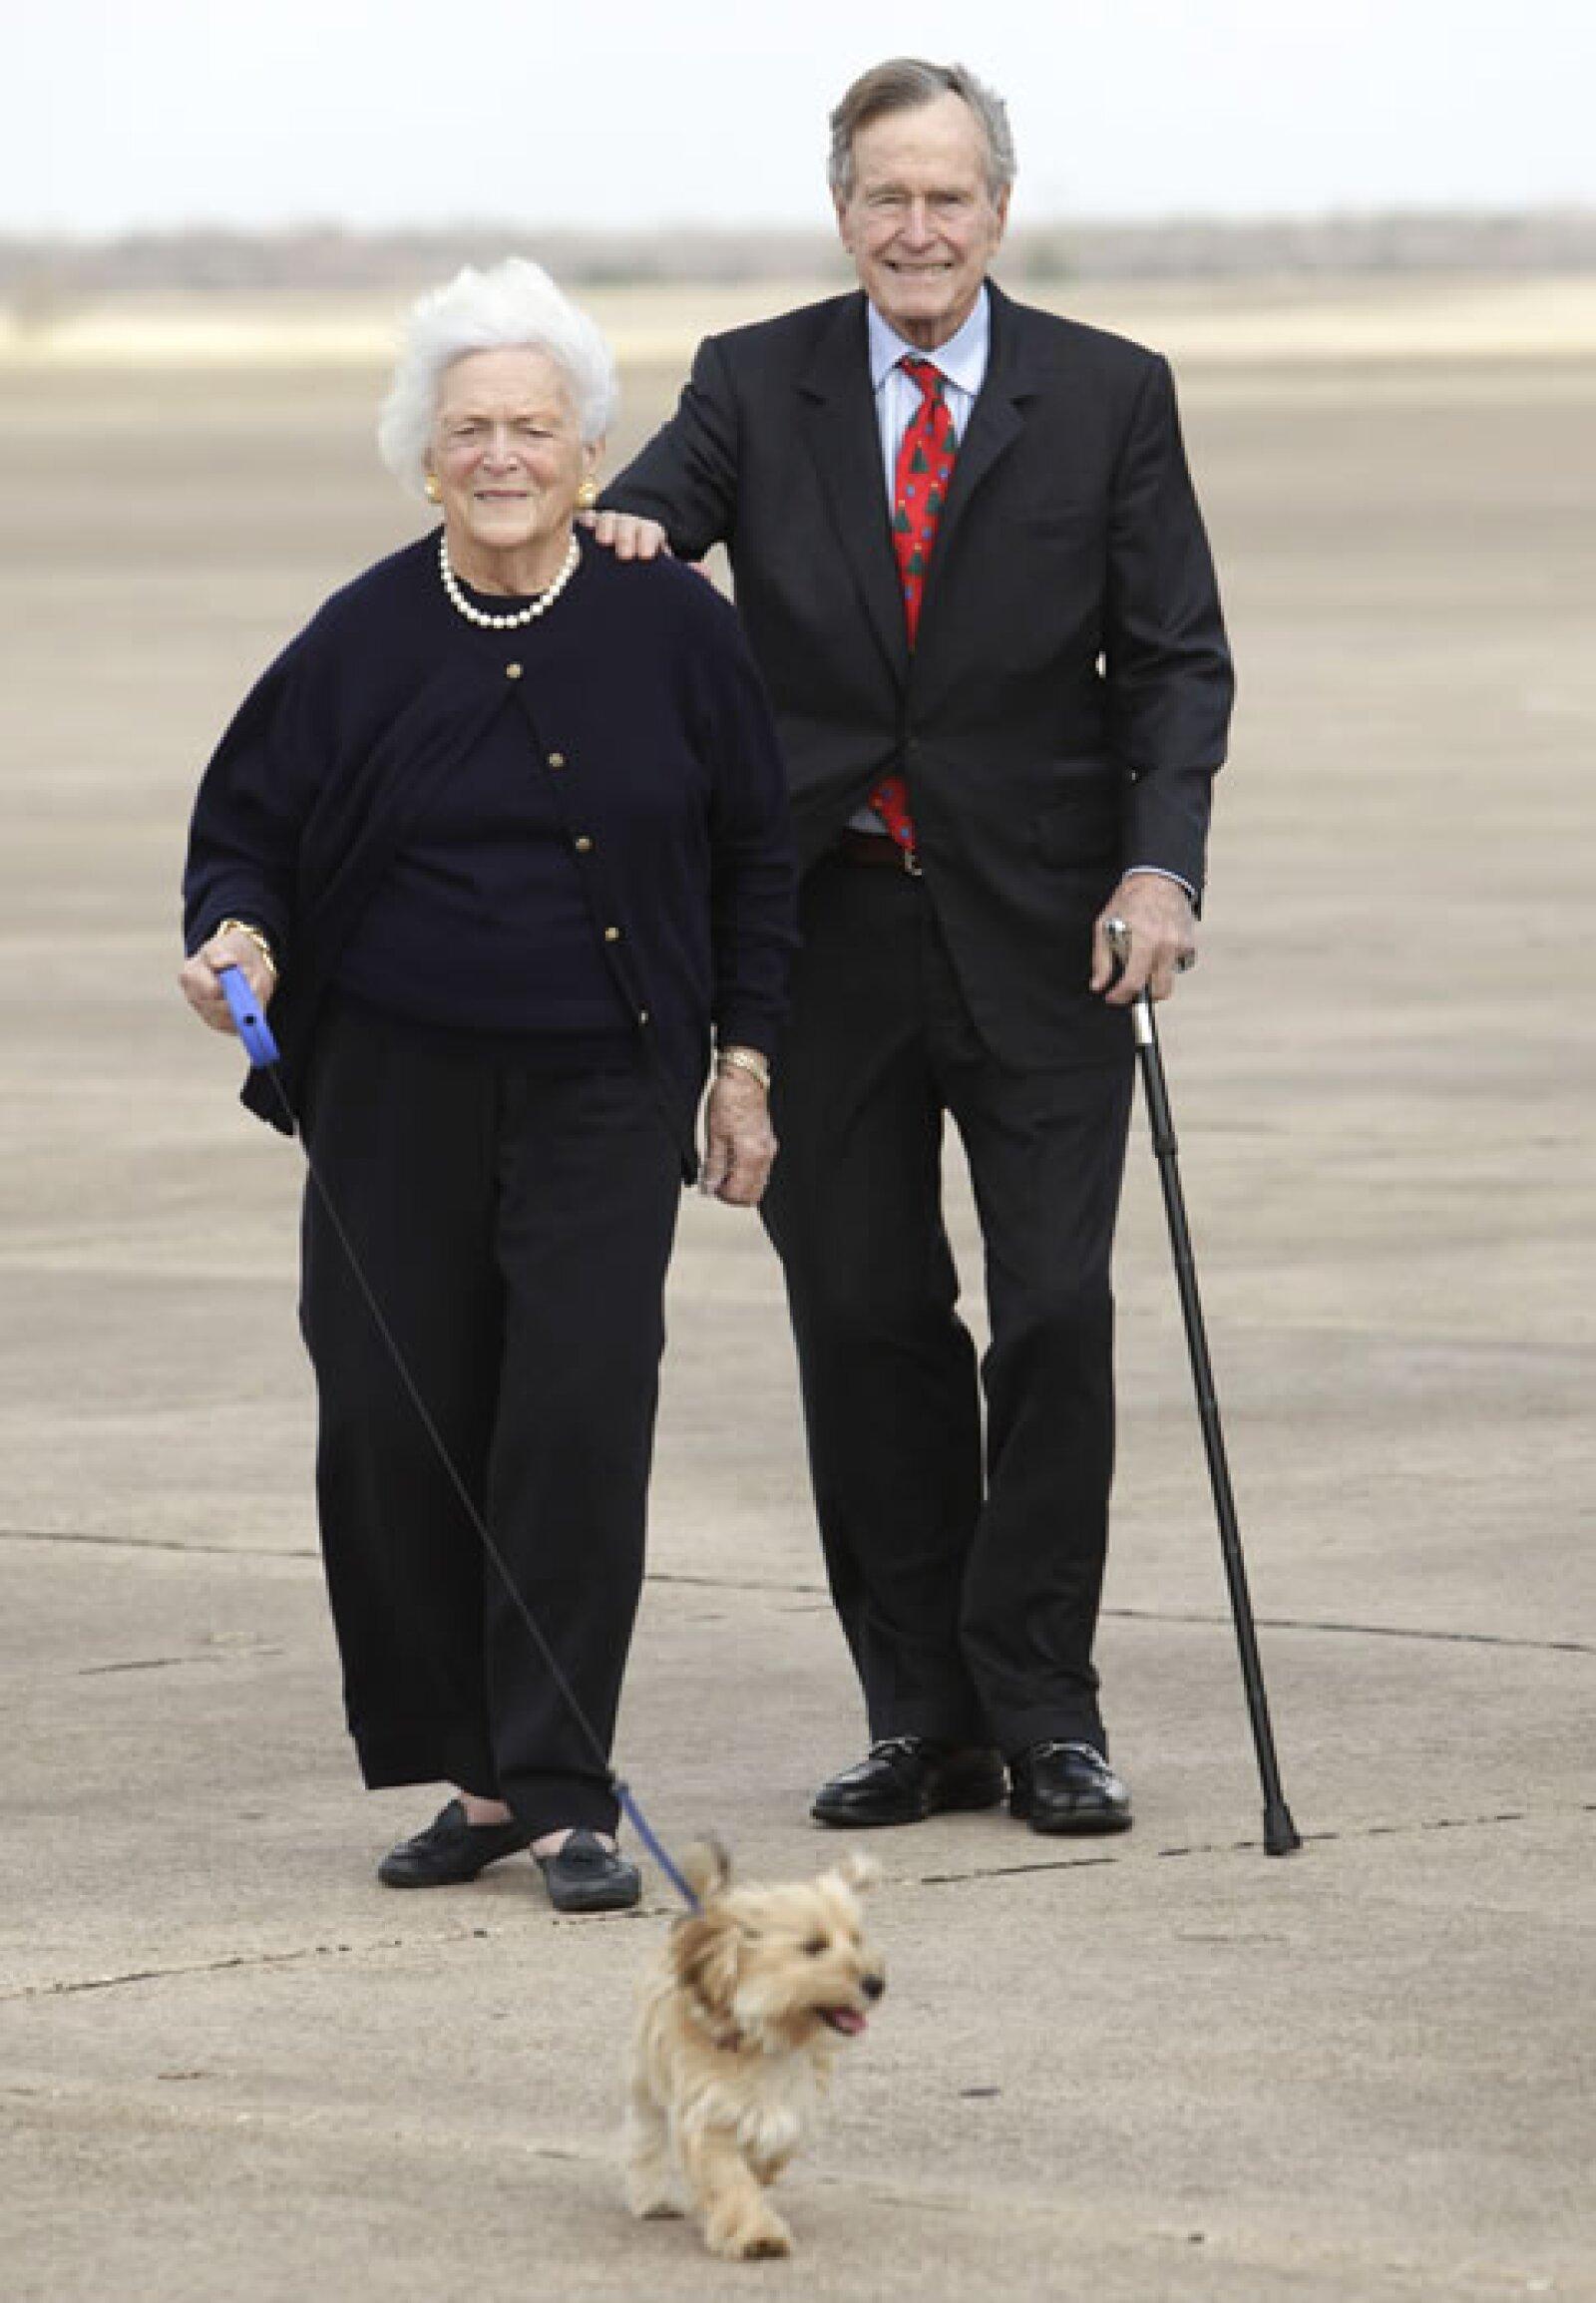 George y Barbara Bush sonríen mientras pasean a su perrito, quien seguramente es todo un consentido.